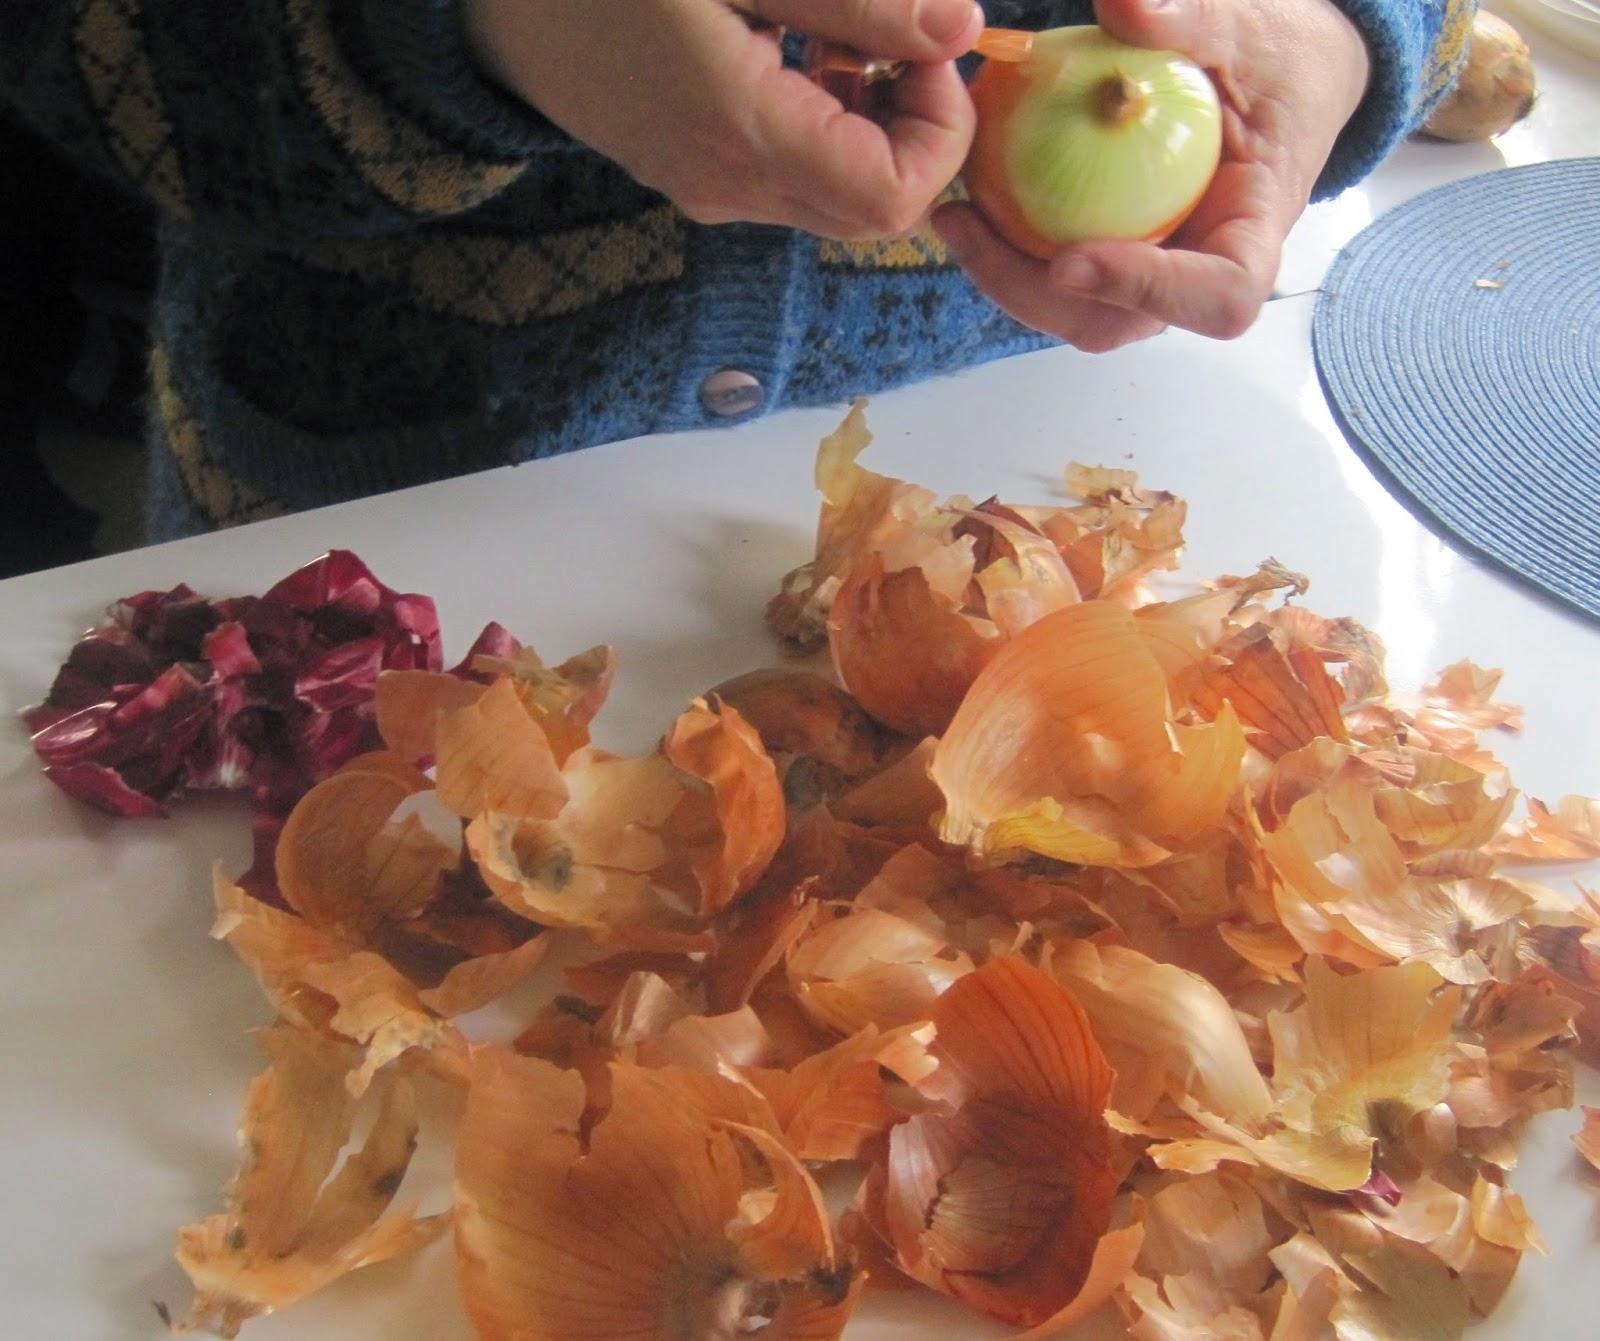 barwienie jajek w łupinach cebuli